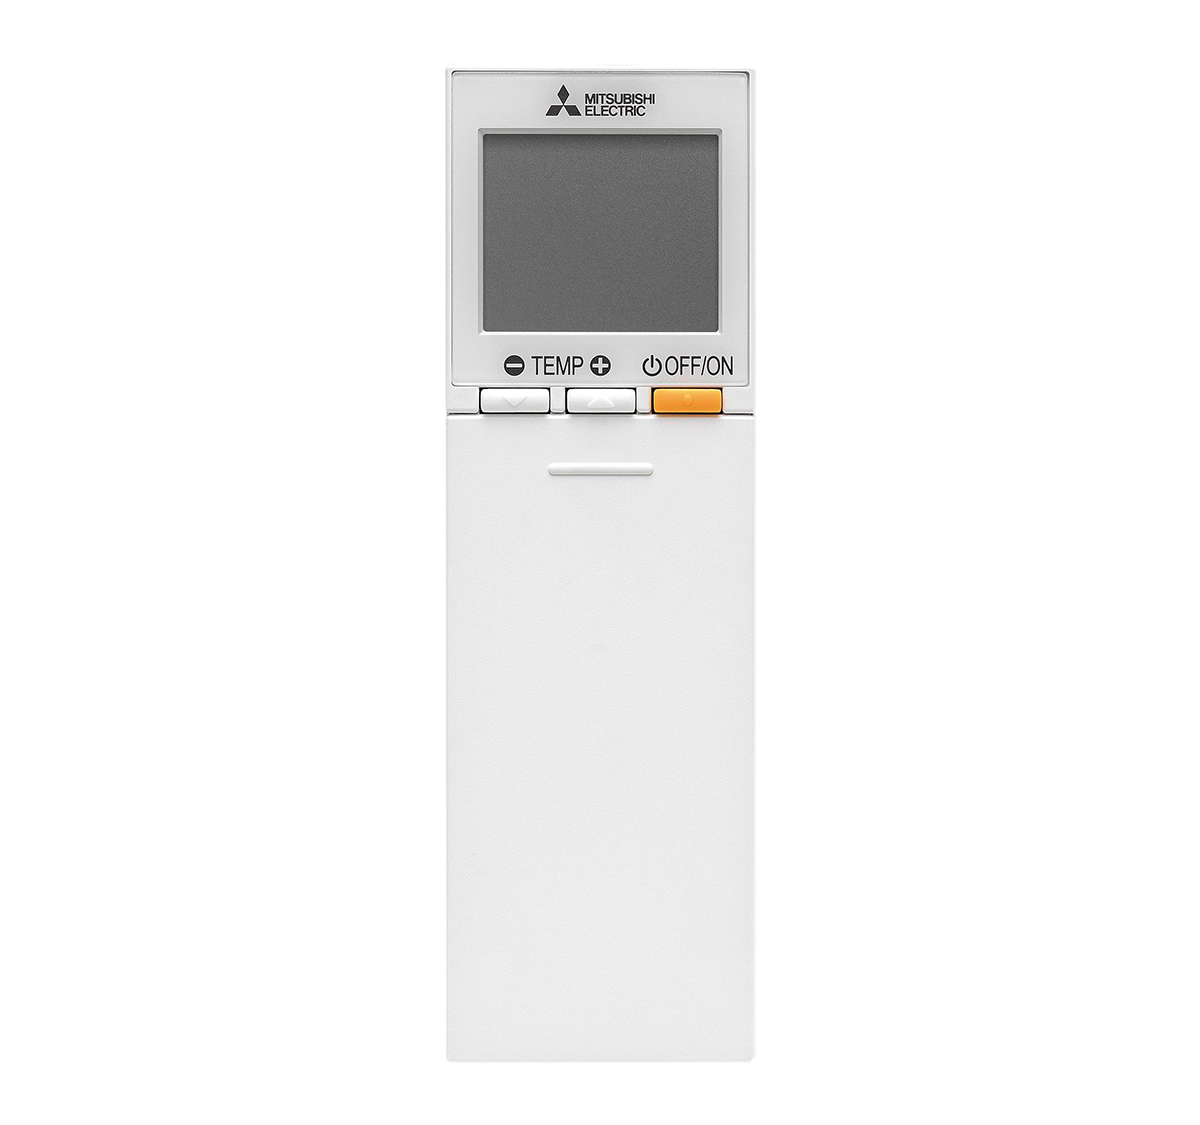 aire acondicionado conjunto split mitsubishi electric inverter mando a diastanacia serie msz ap modelo msz ap25vg precio incluido en la instalacion caseragua 02